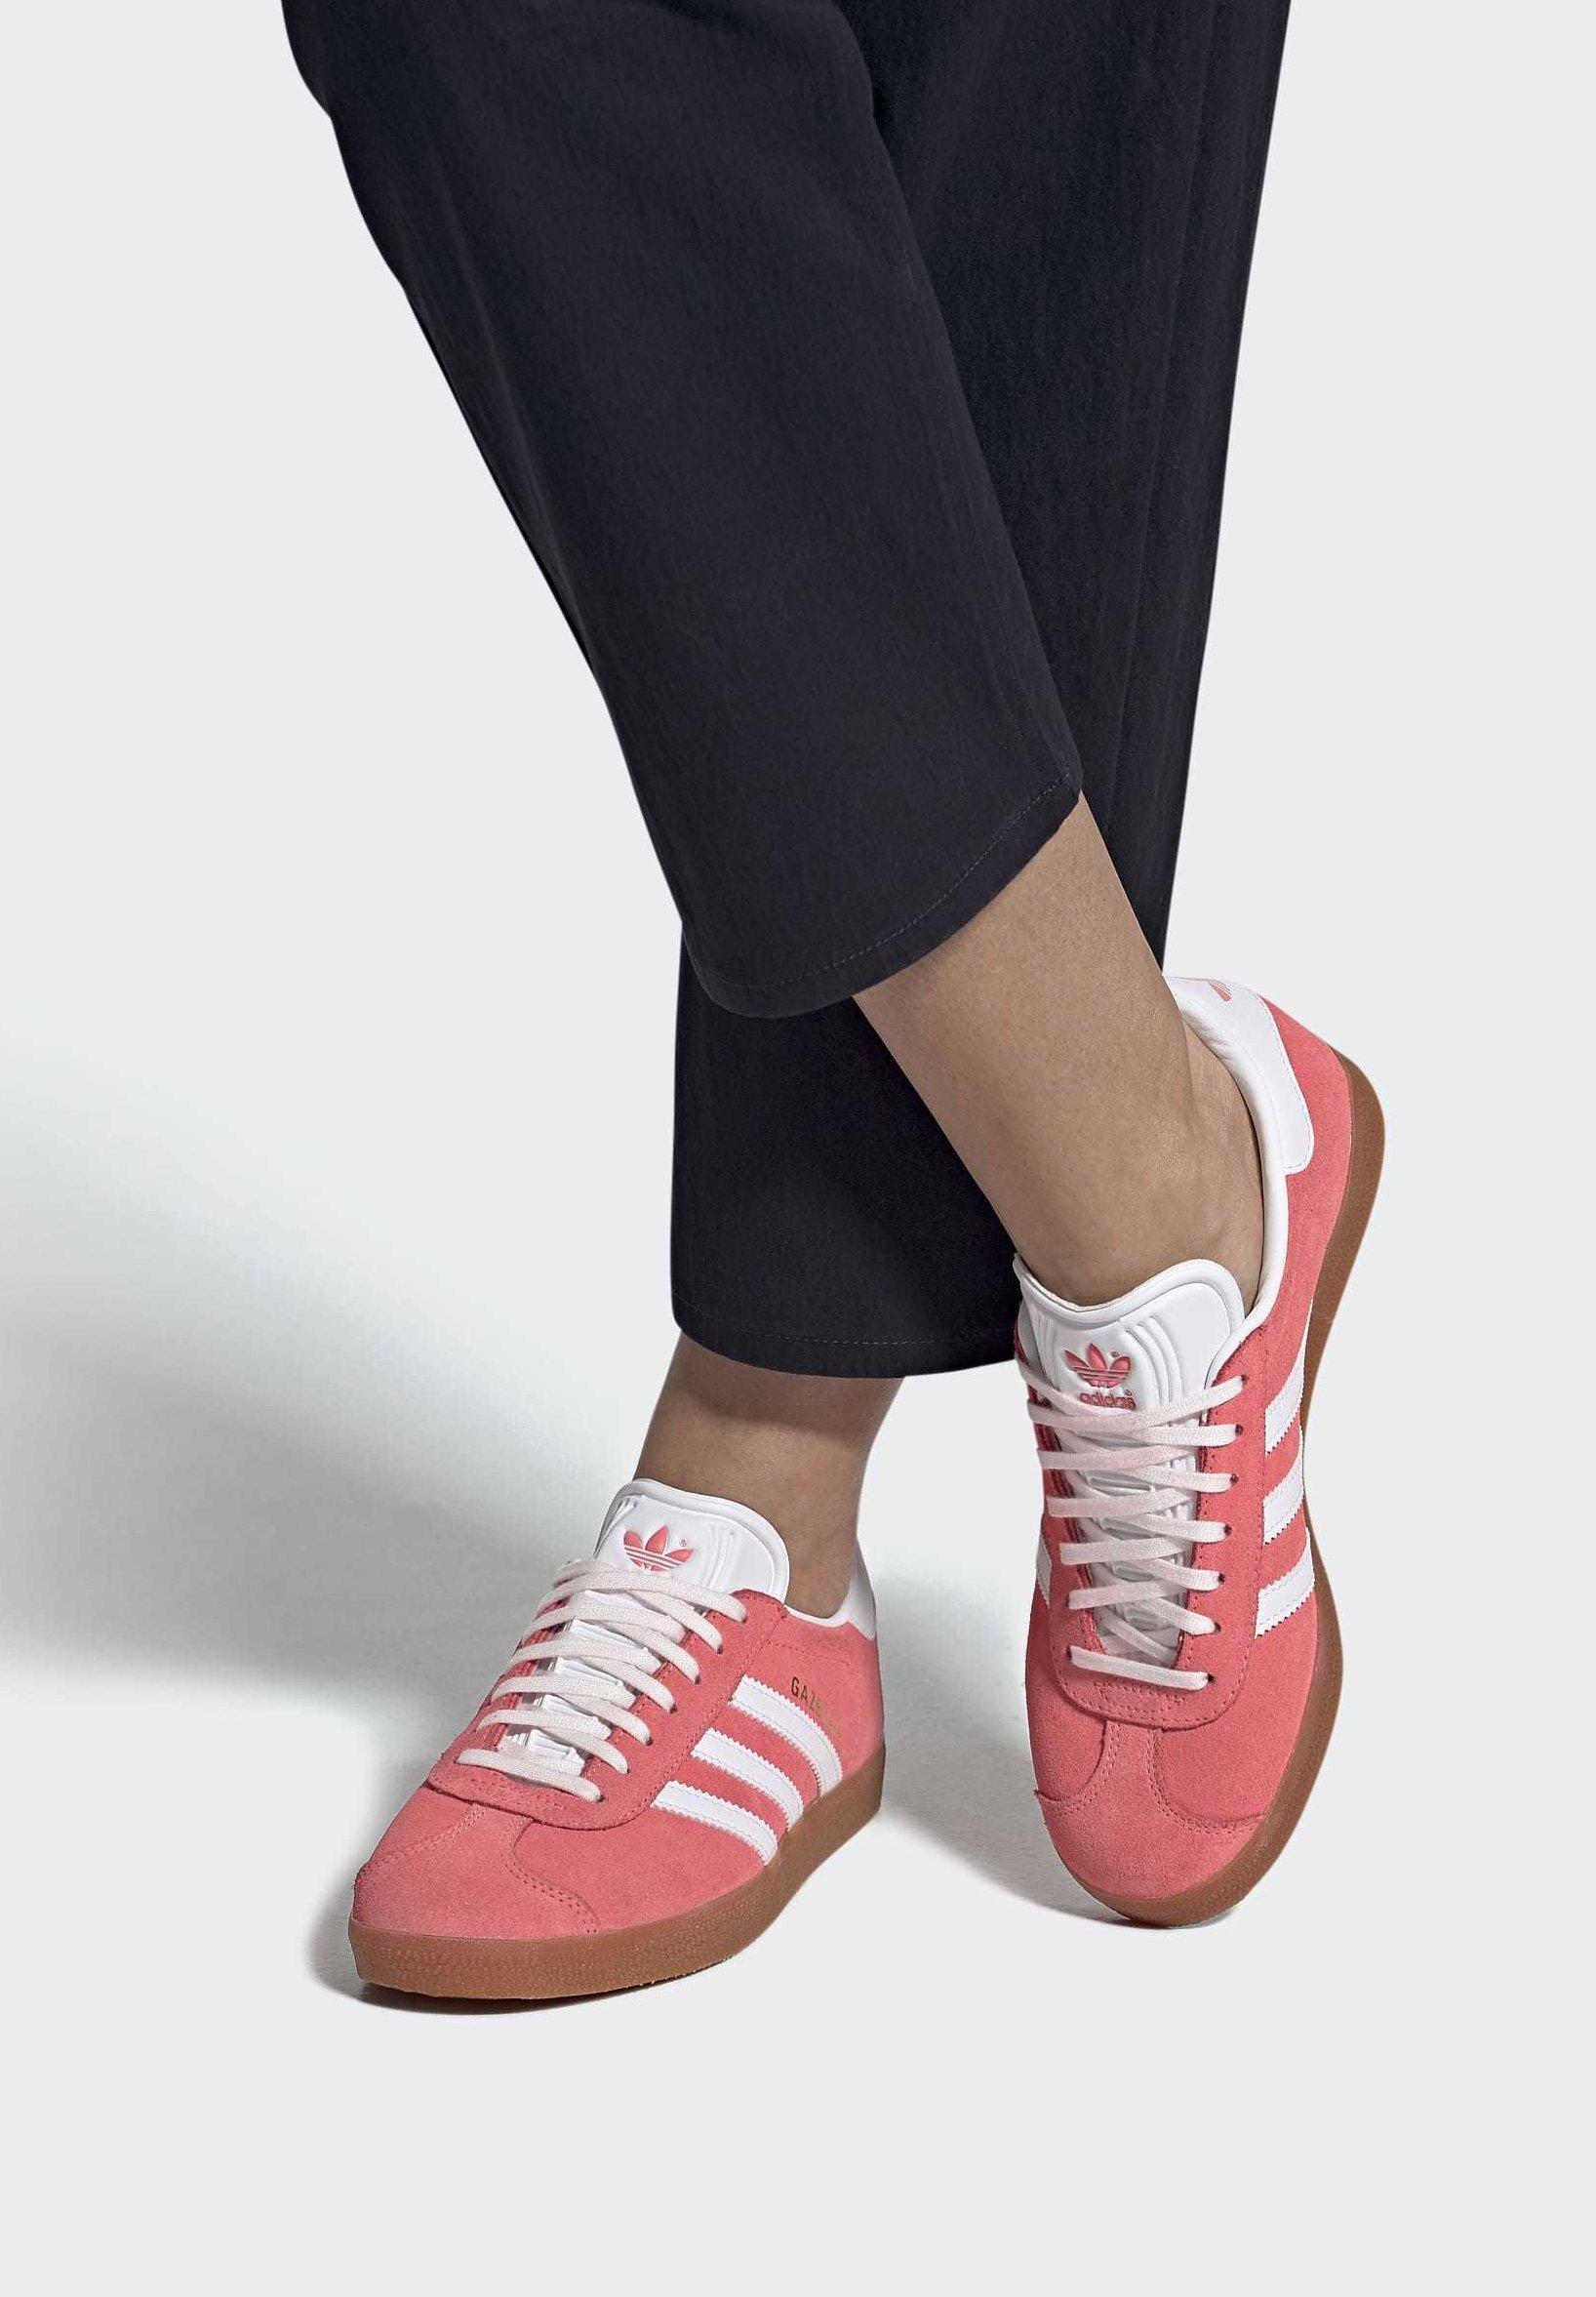 adidas gazelle rouge zalando